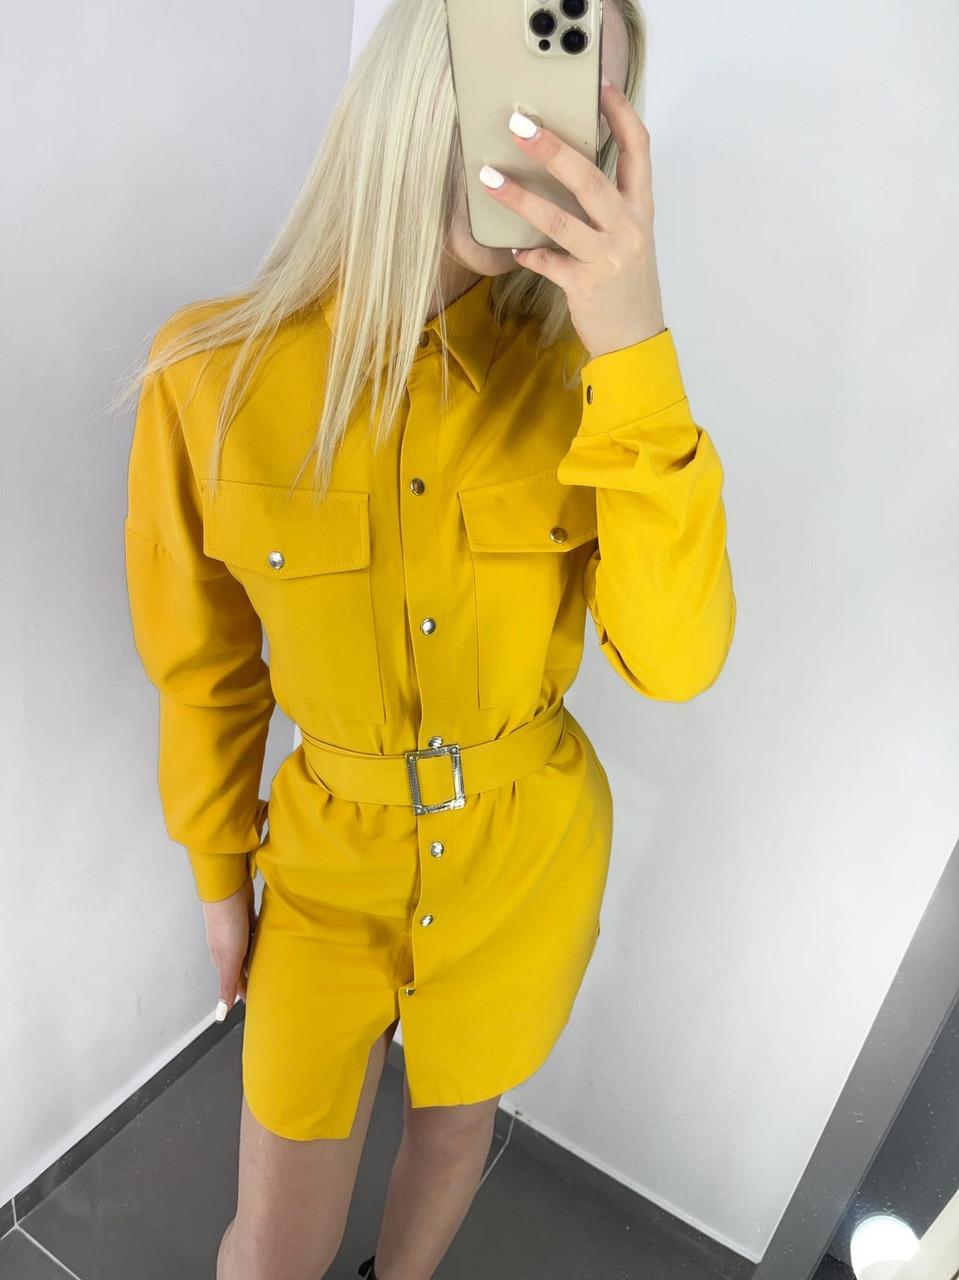 Стильне і модне плаття з широким поясом, довгий рукав з манжетом, 00858 (Жовтий), Розмір 42 (S)